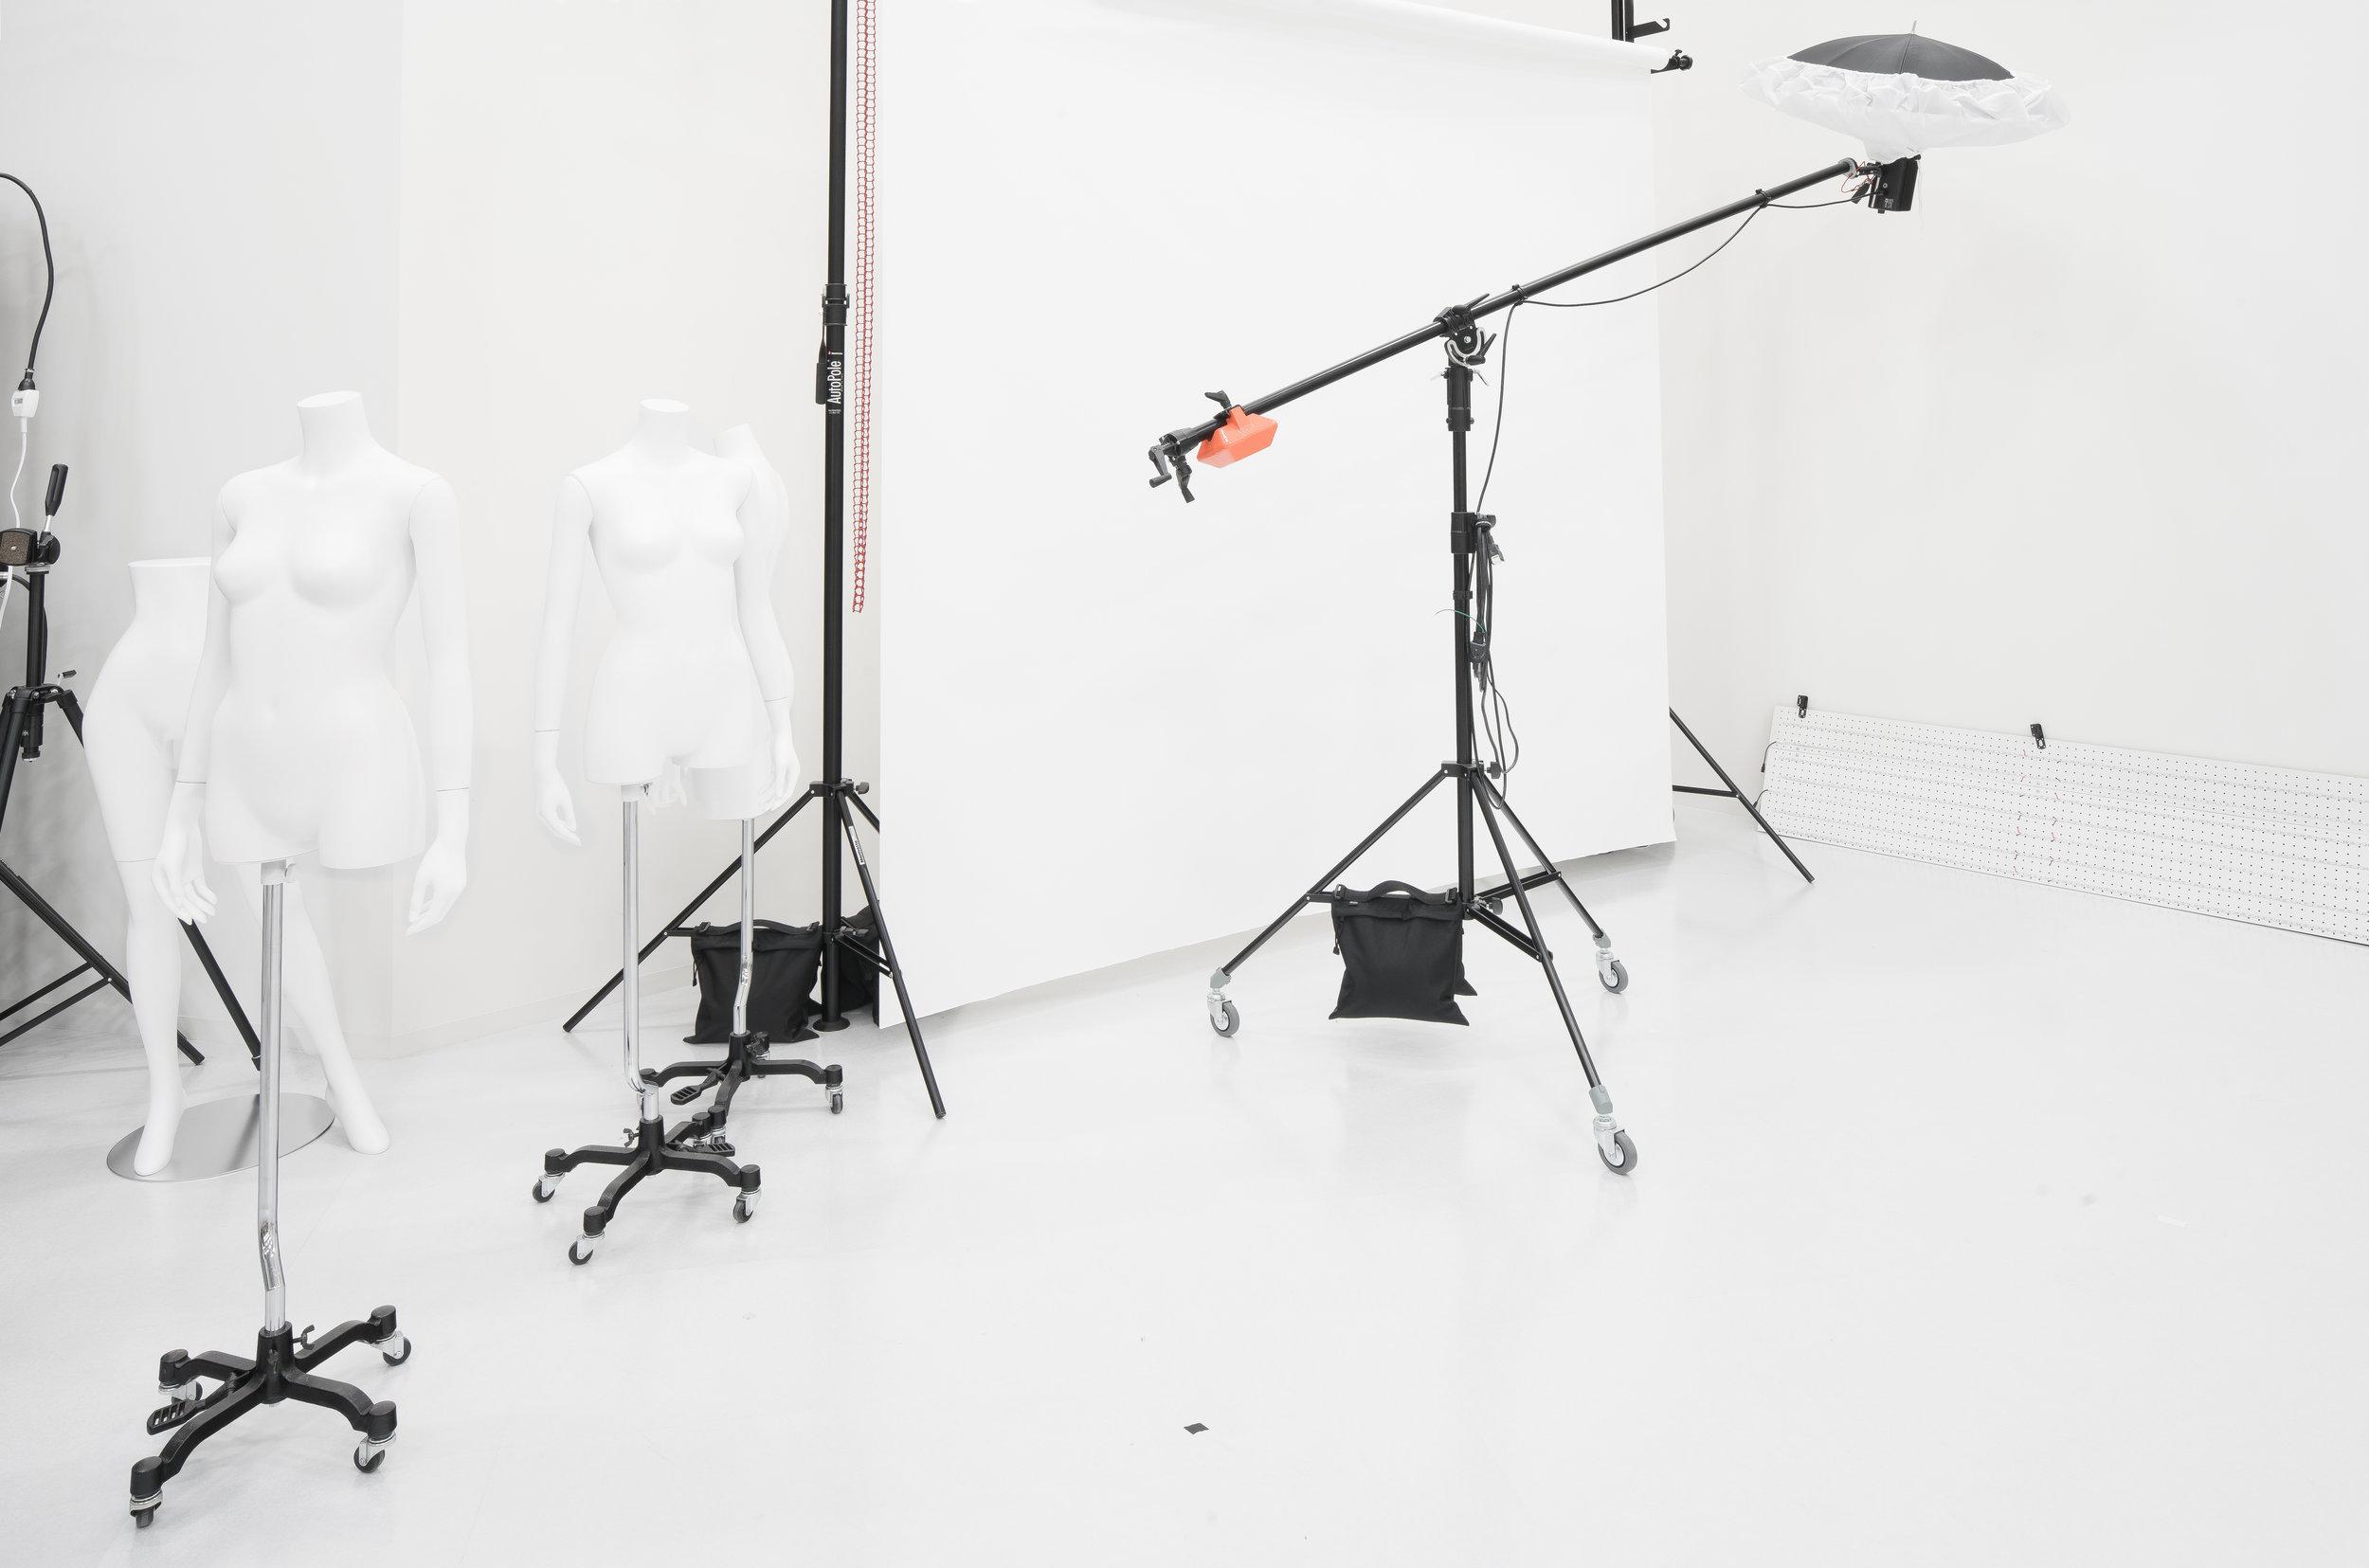 View of the Photo Studio